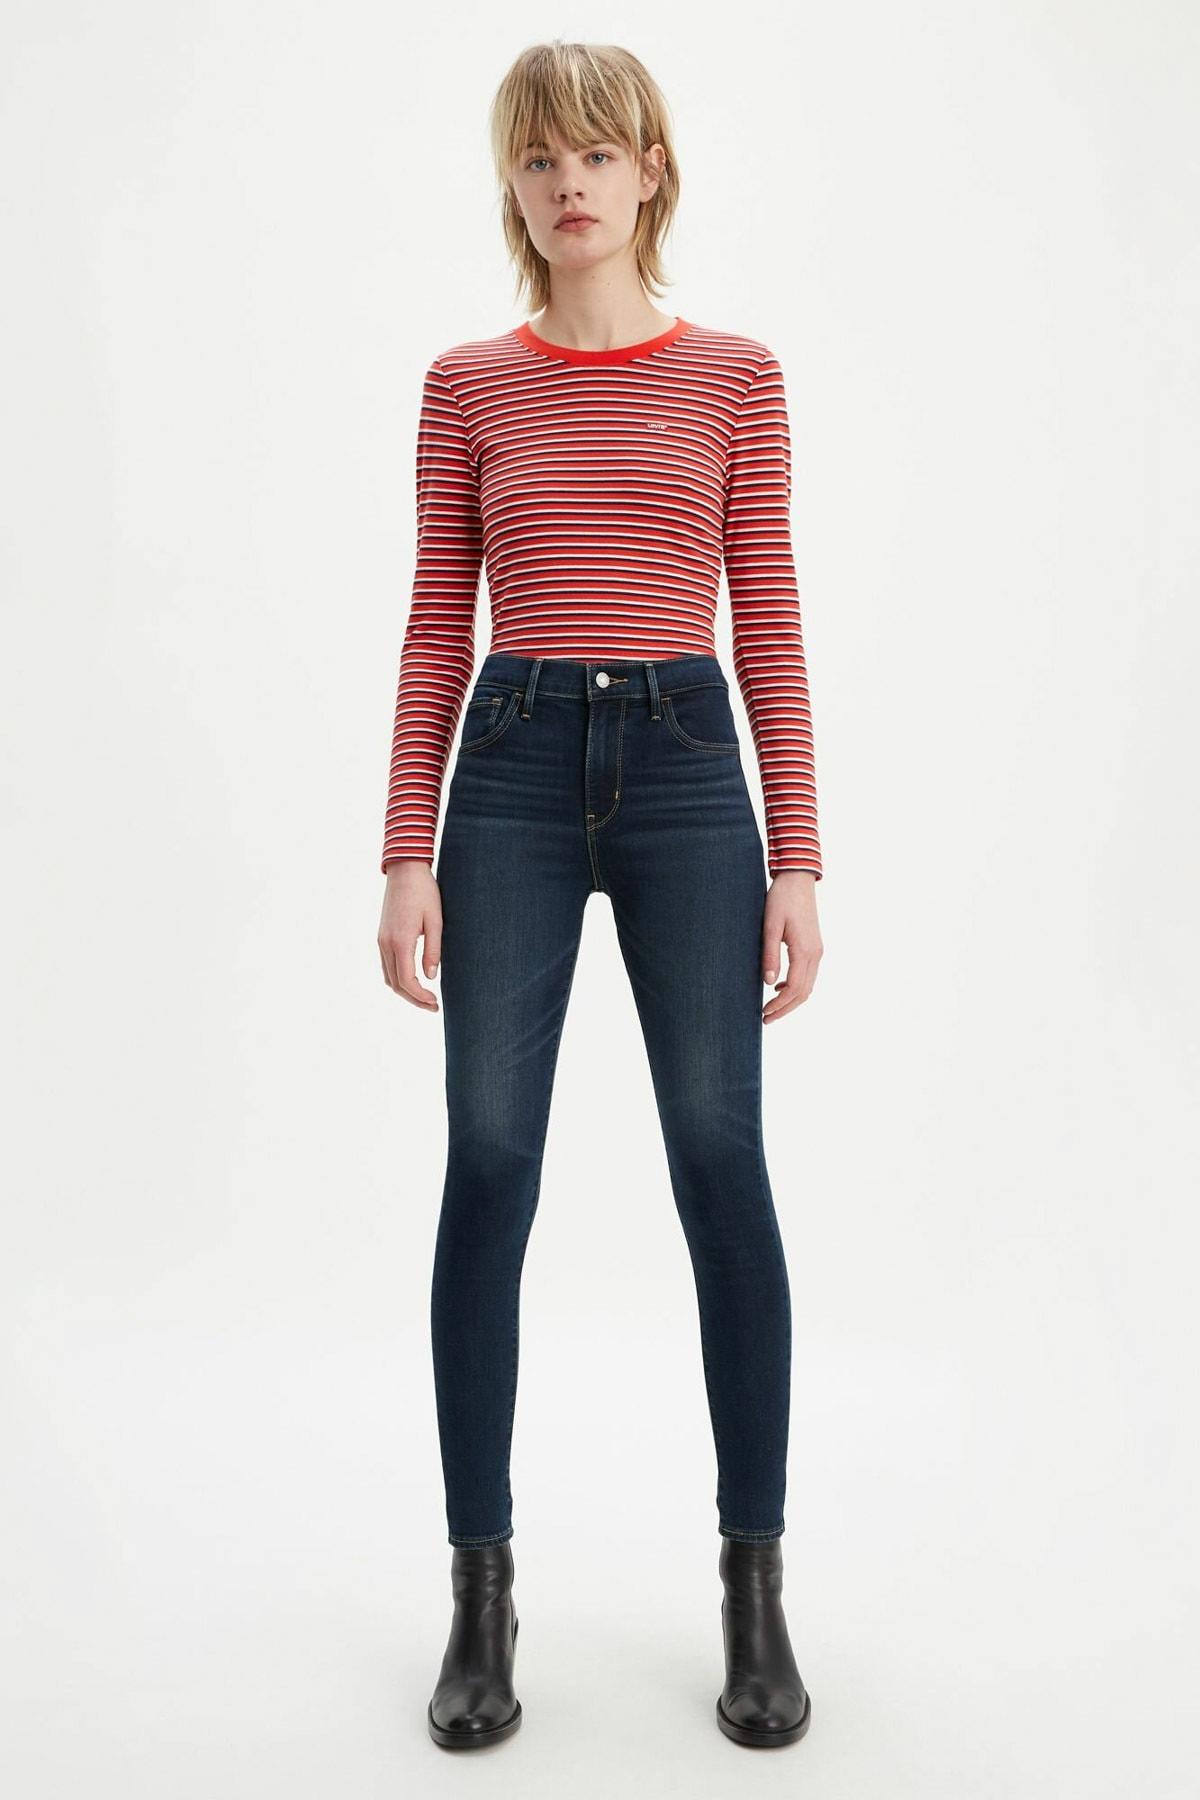 Levi's Kadın 720 Super Skinny Jean 52797-0106 1